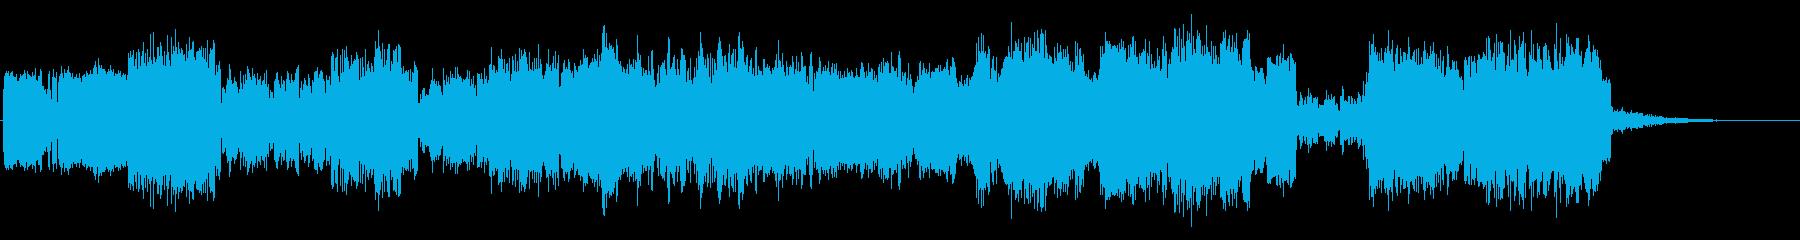 オーディオカオスの再生済みの波形